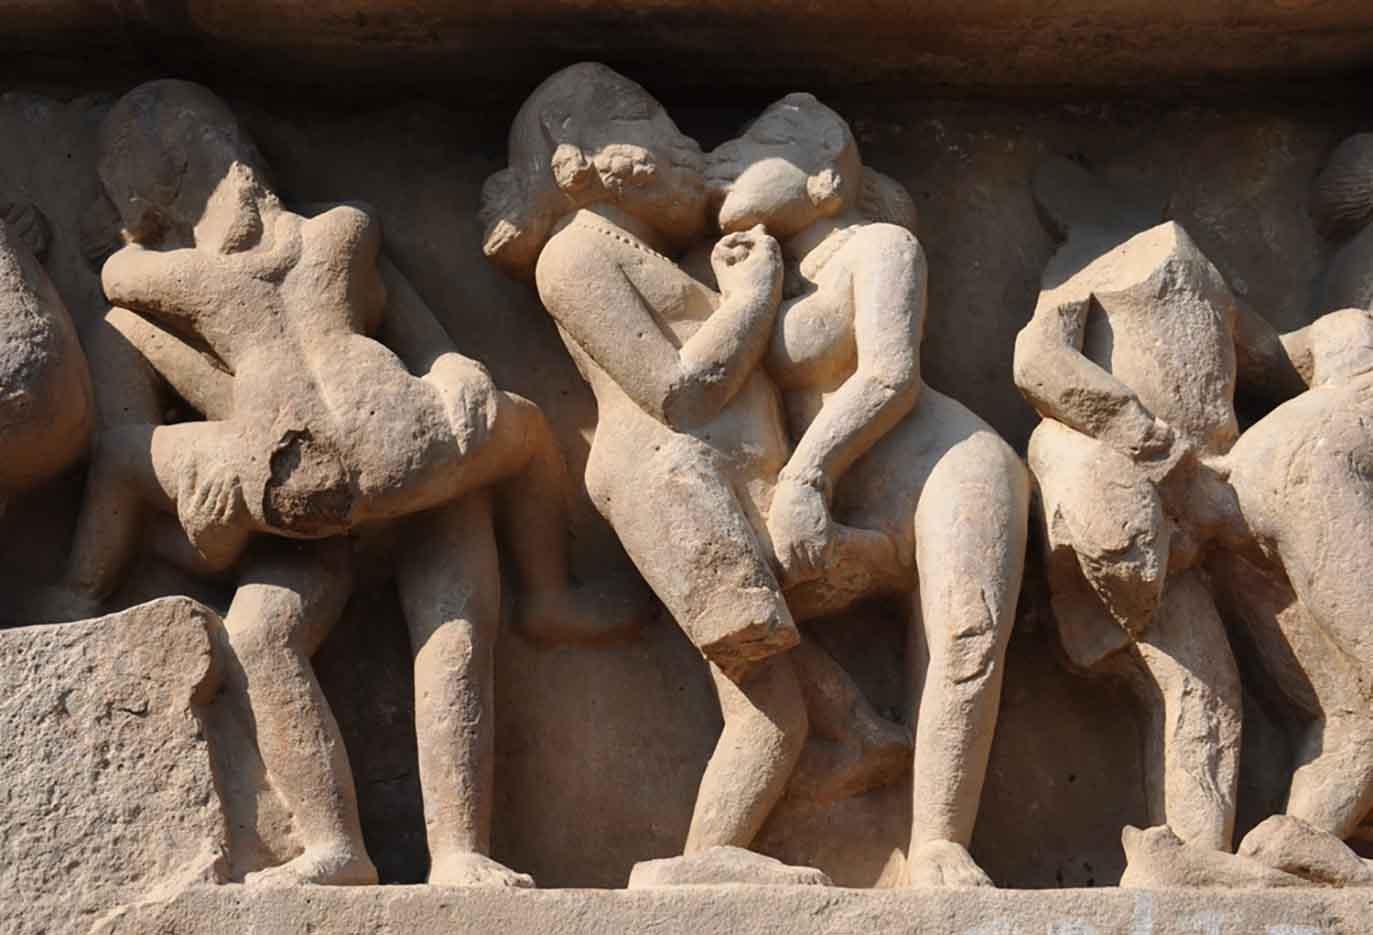 Храмы Кхаджурахо, Khajuraho Temples - 60